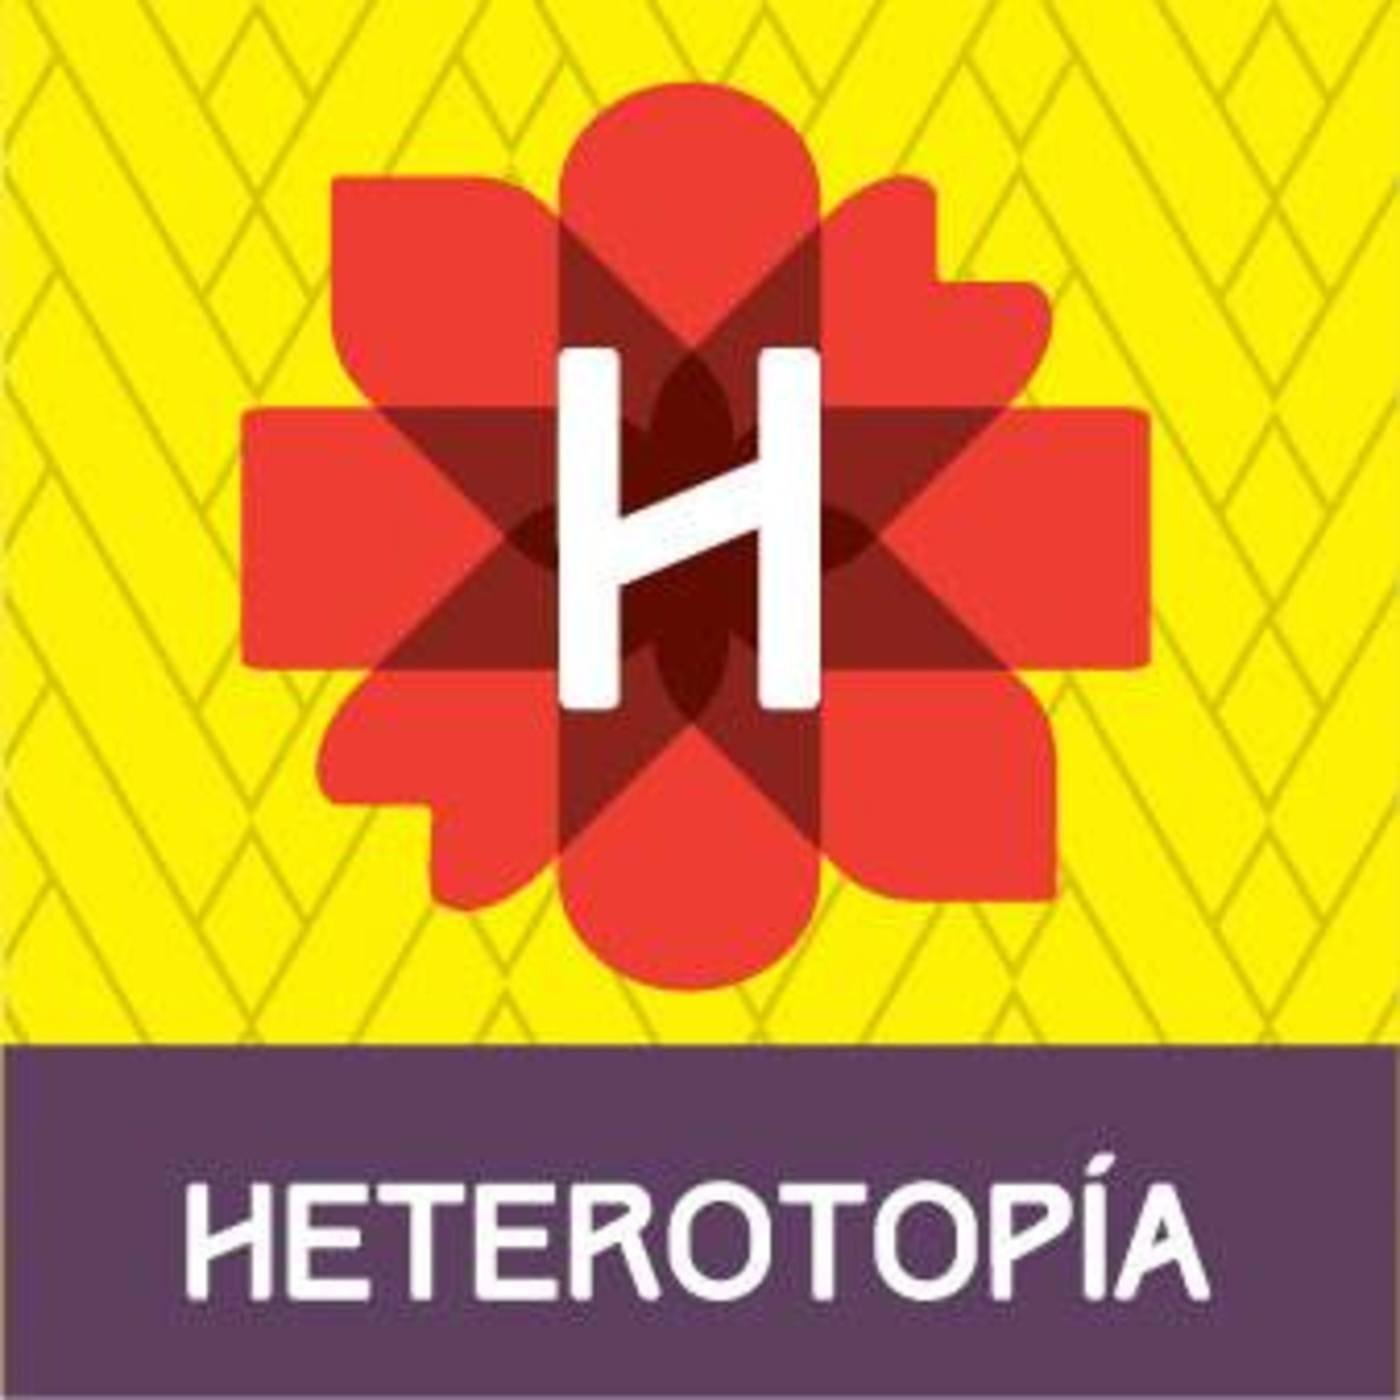 <![CDATA[Heterotopía]]>